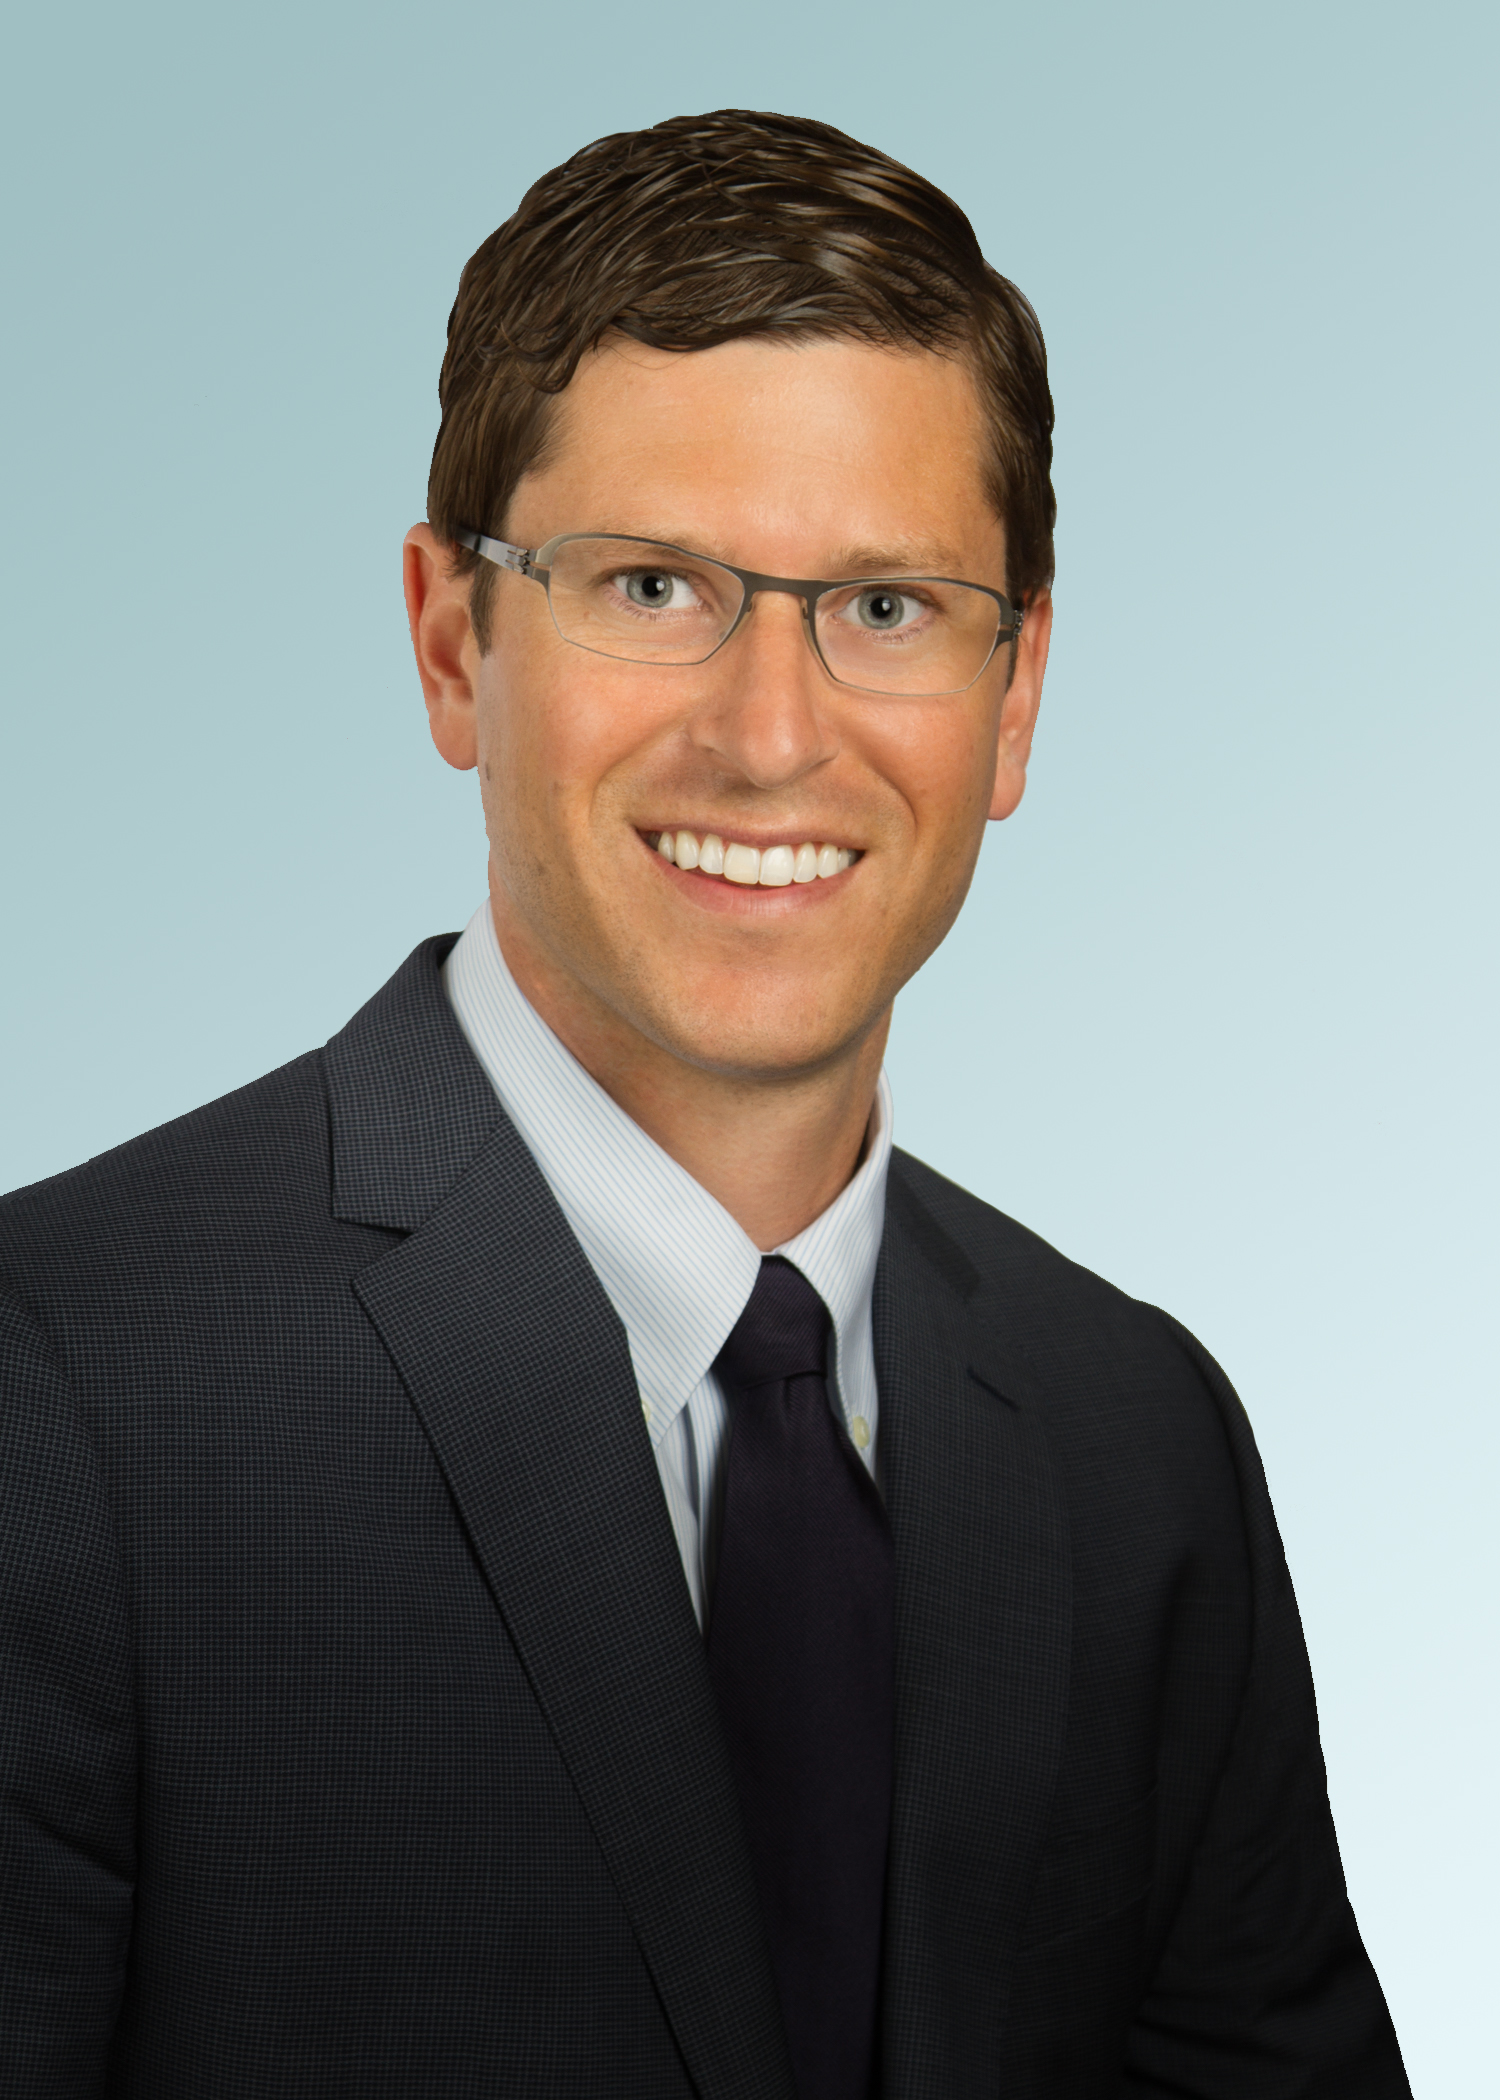 Steven Gabbert